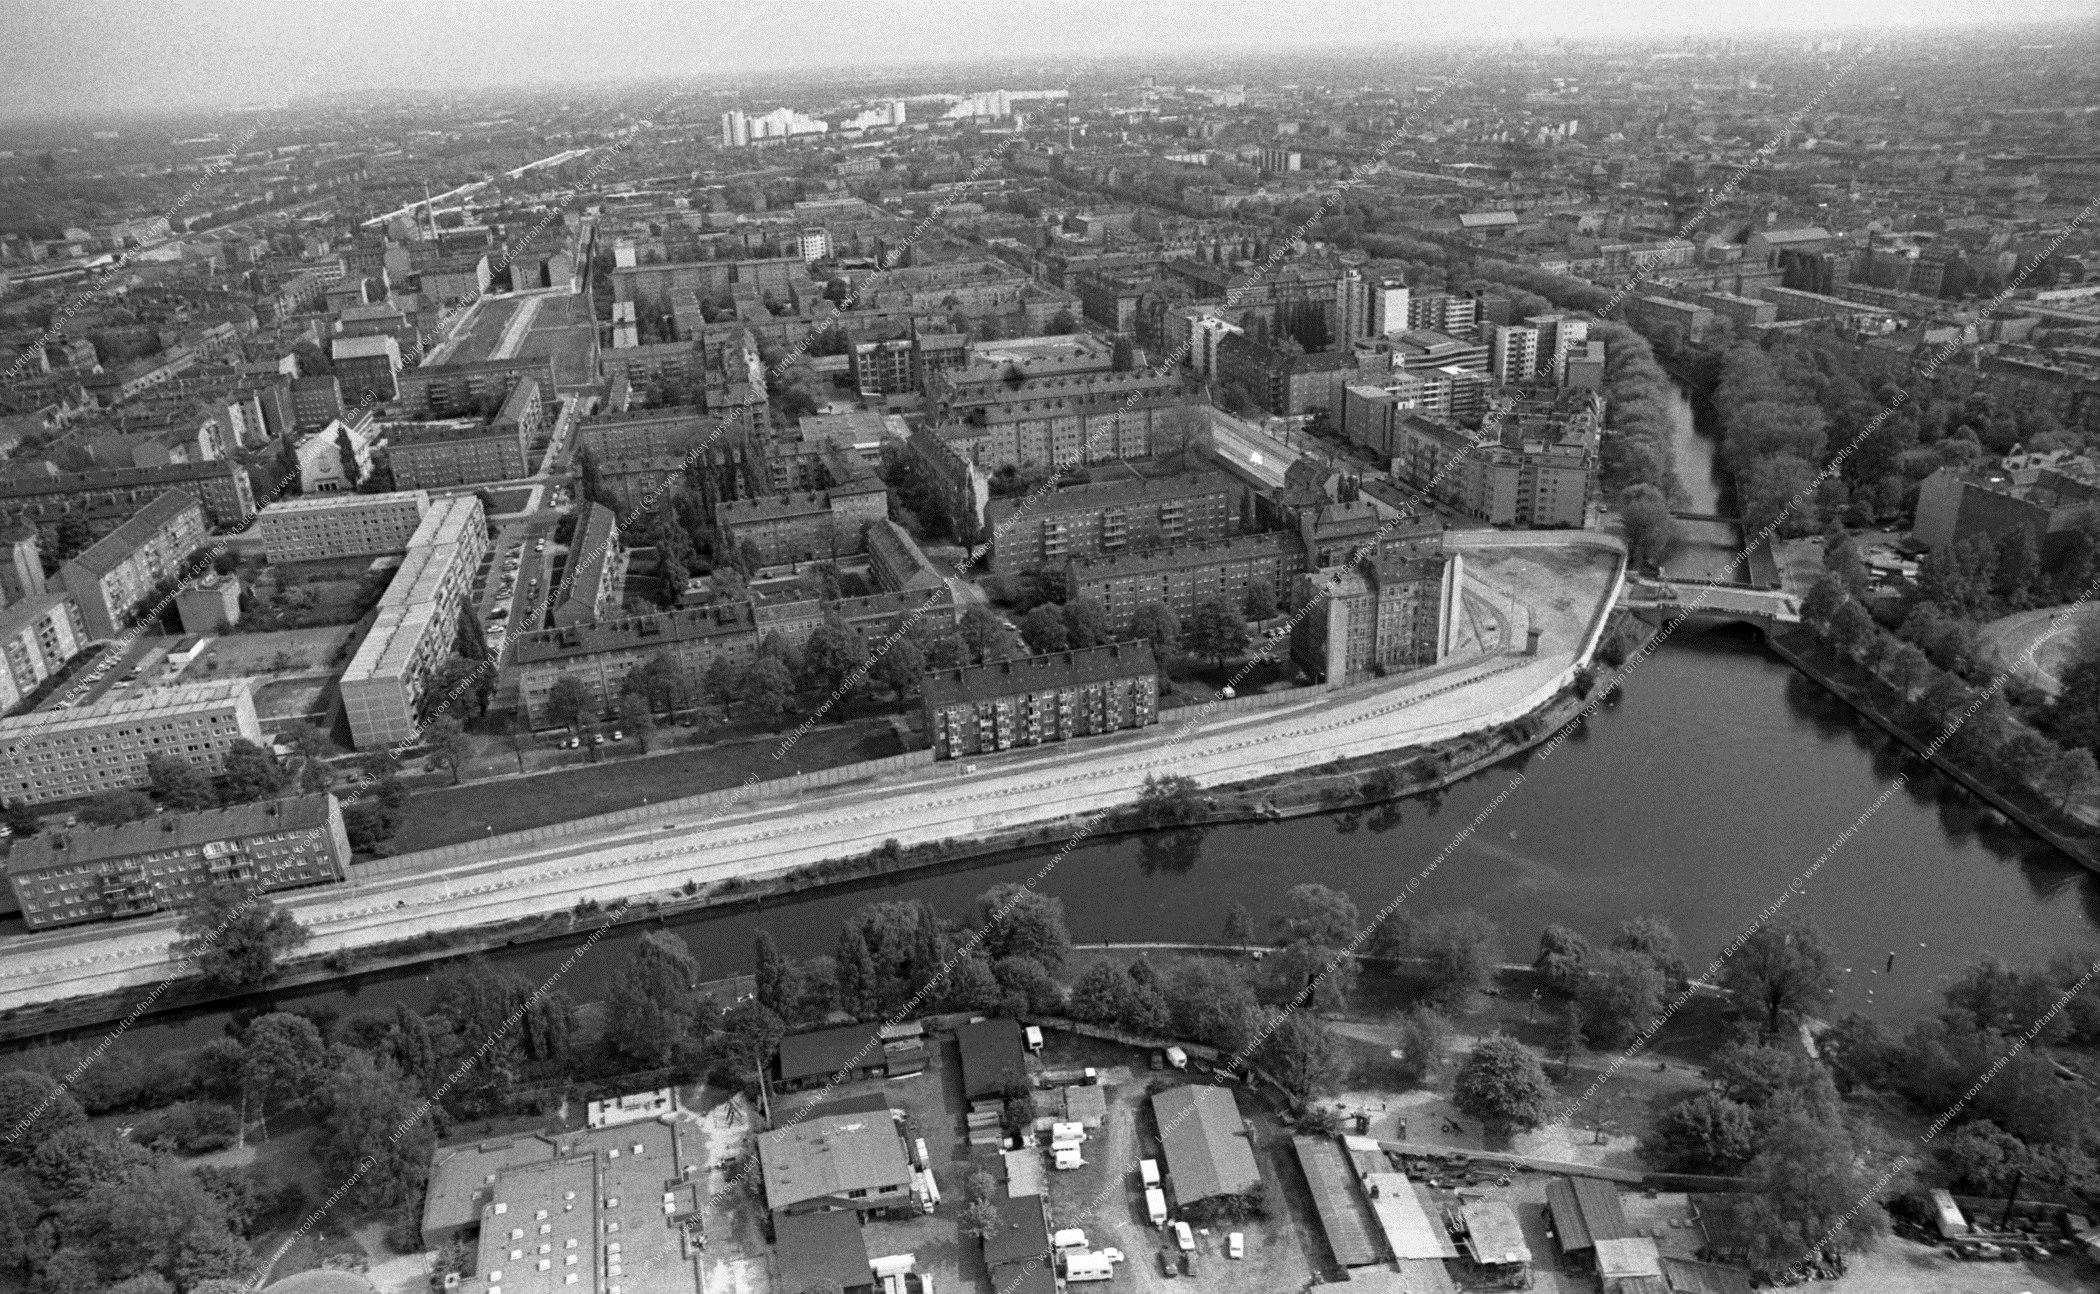 Berlin Luftbild Lohmühlenbrücke sowie Lohmühlen Straße vom 12. Mai 1982 (Bild 064)